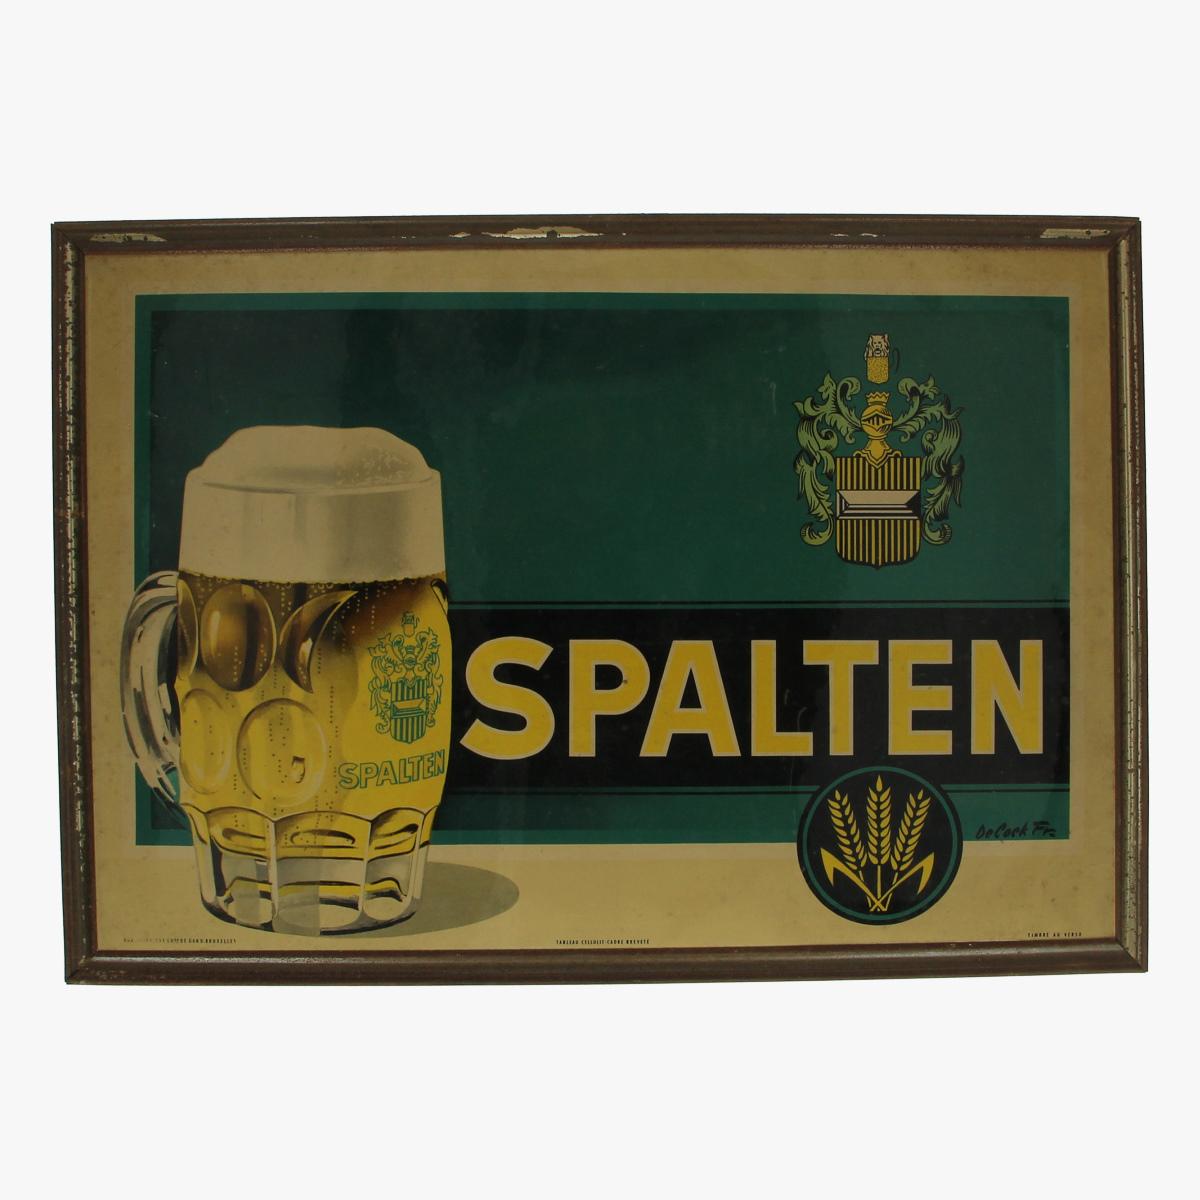 Afbeeldingen van reclame bier pancartes met kader spalten de cock fr. tableau cellulit-cadre breveté timbre au verso